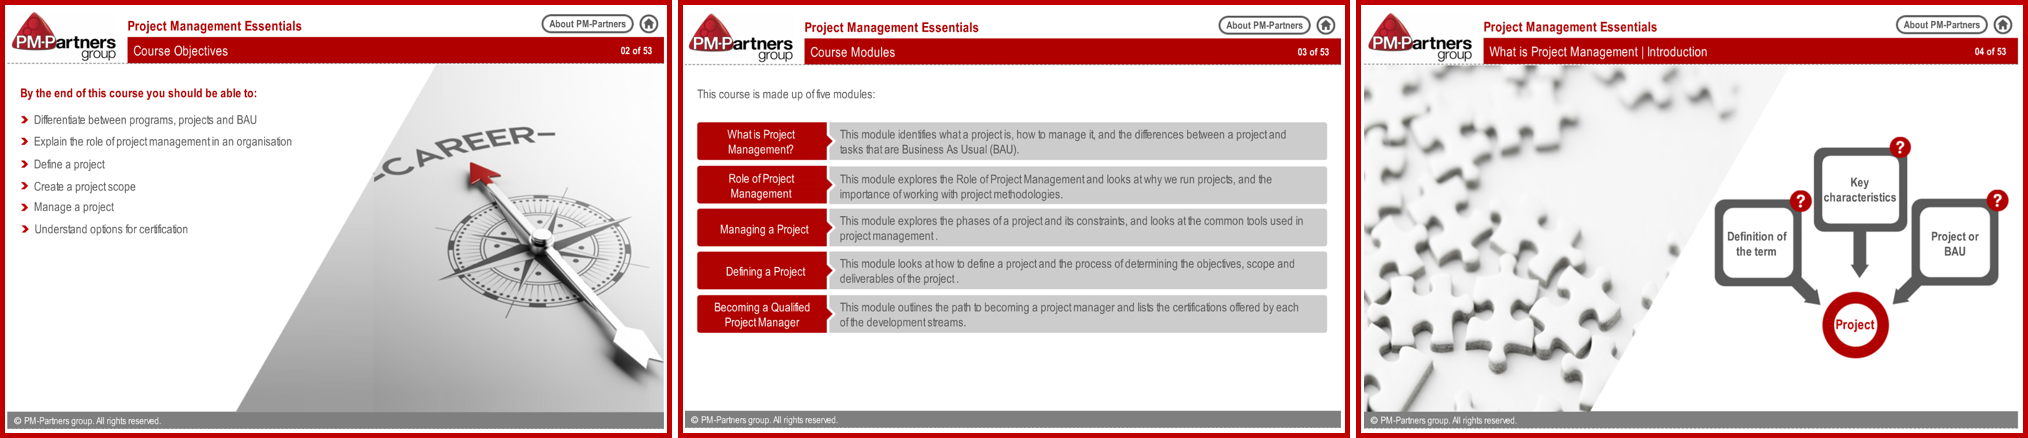 Project Management Essentials Course Online